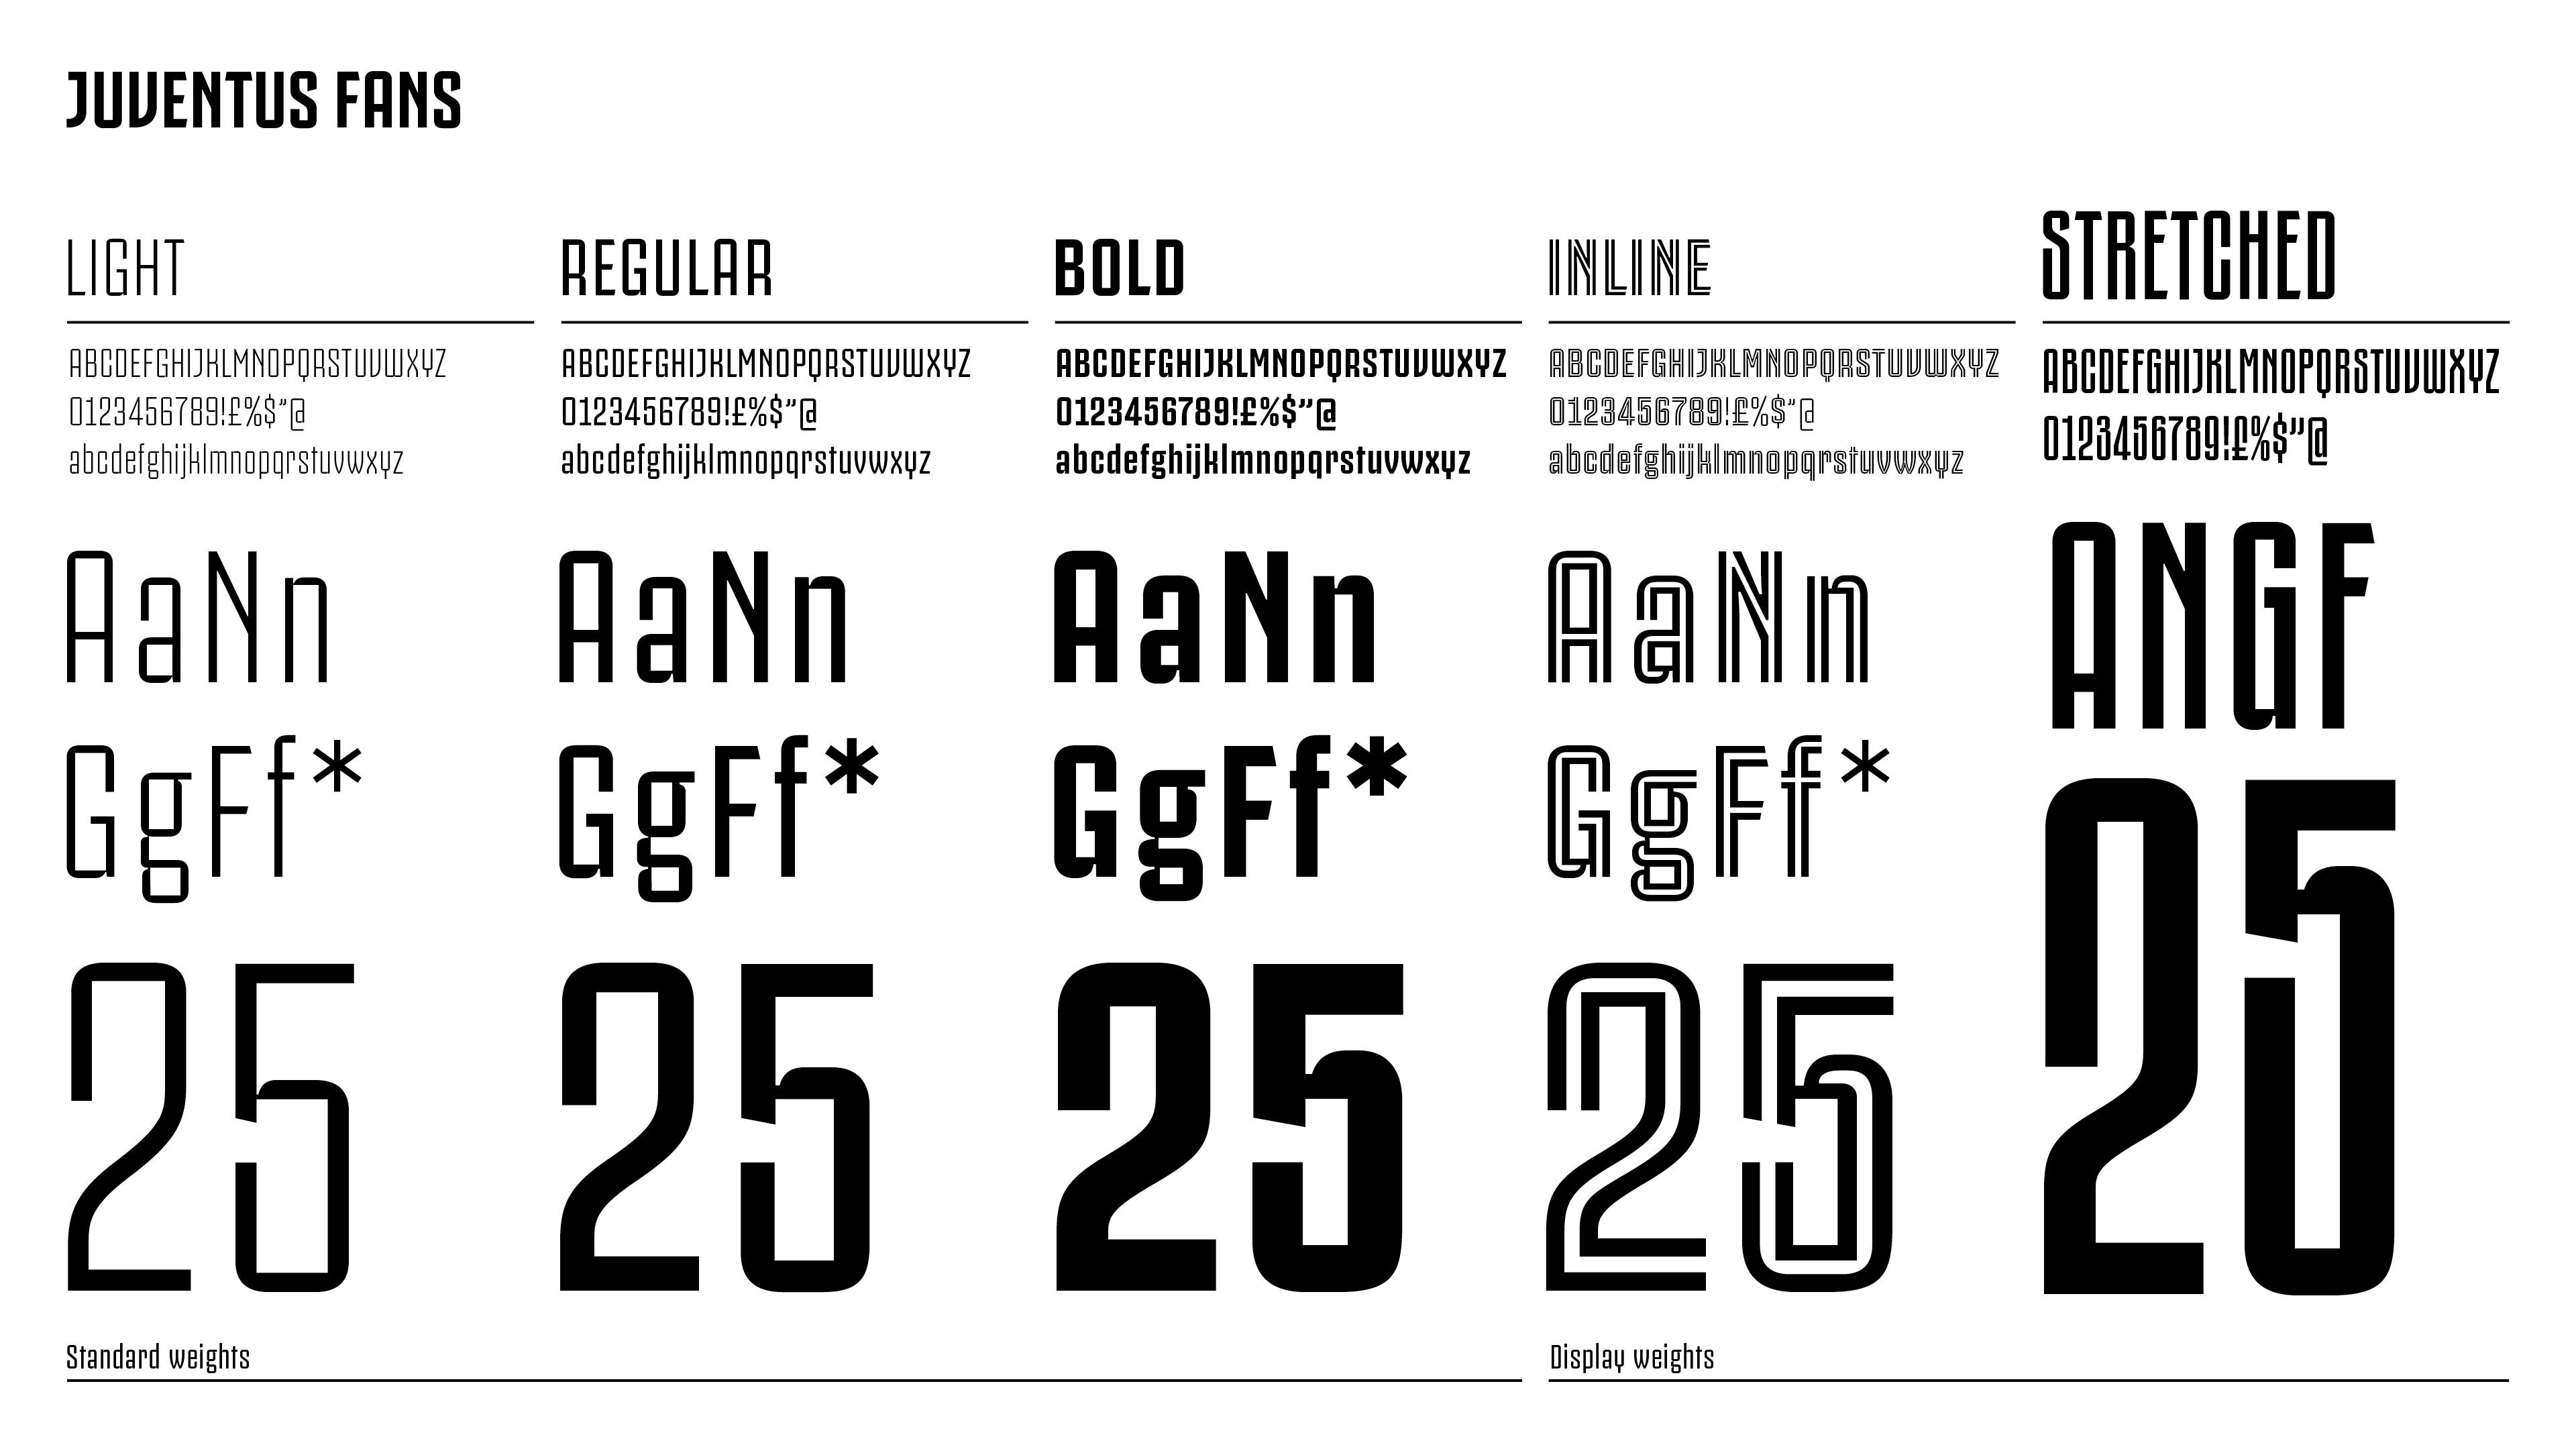 Juventus Fans Type Line Ups - Interbrand Milan